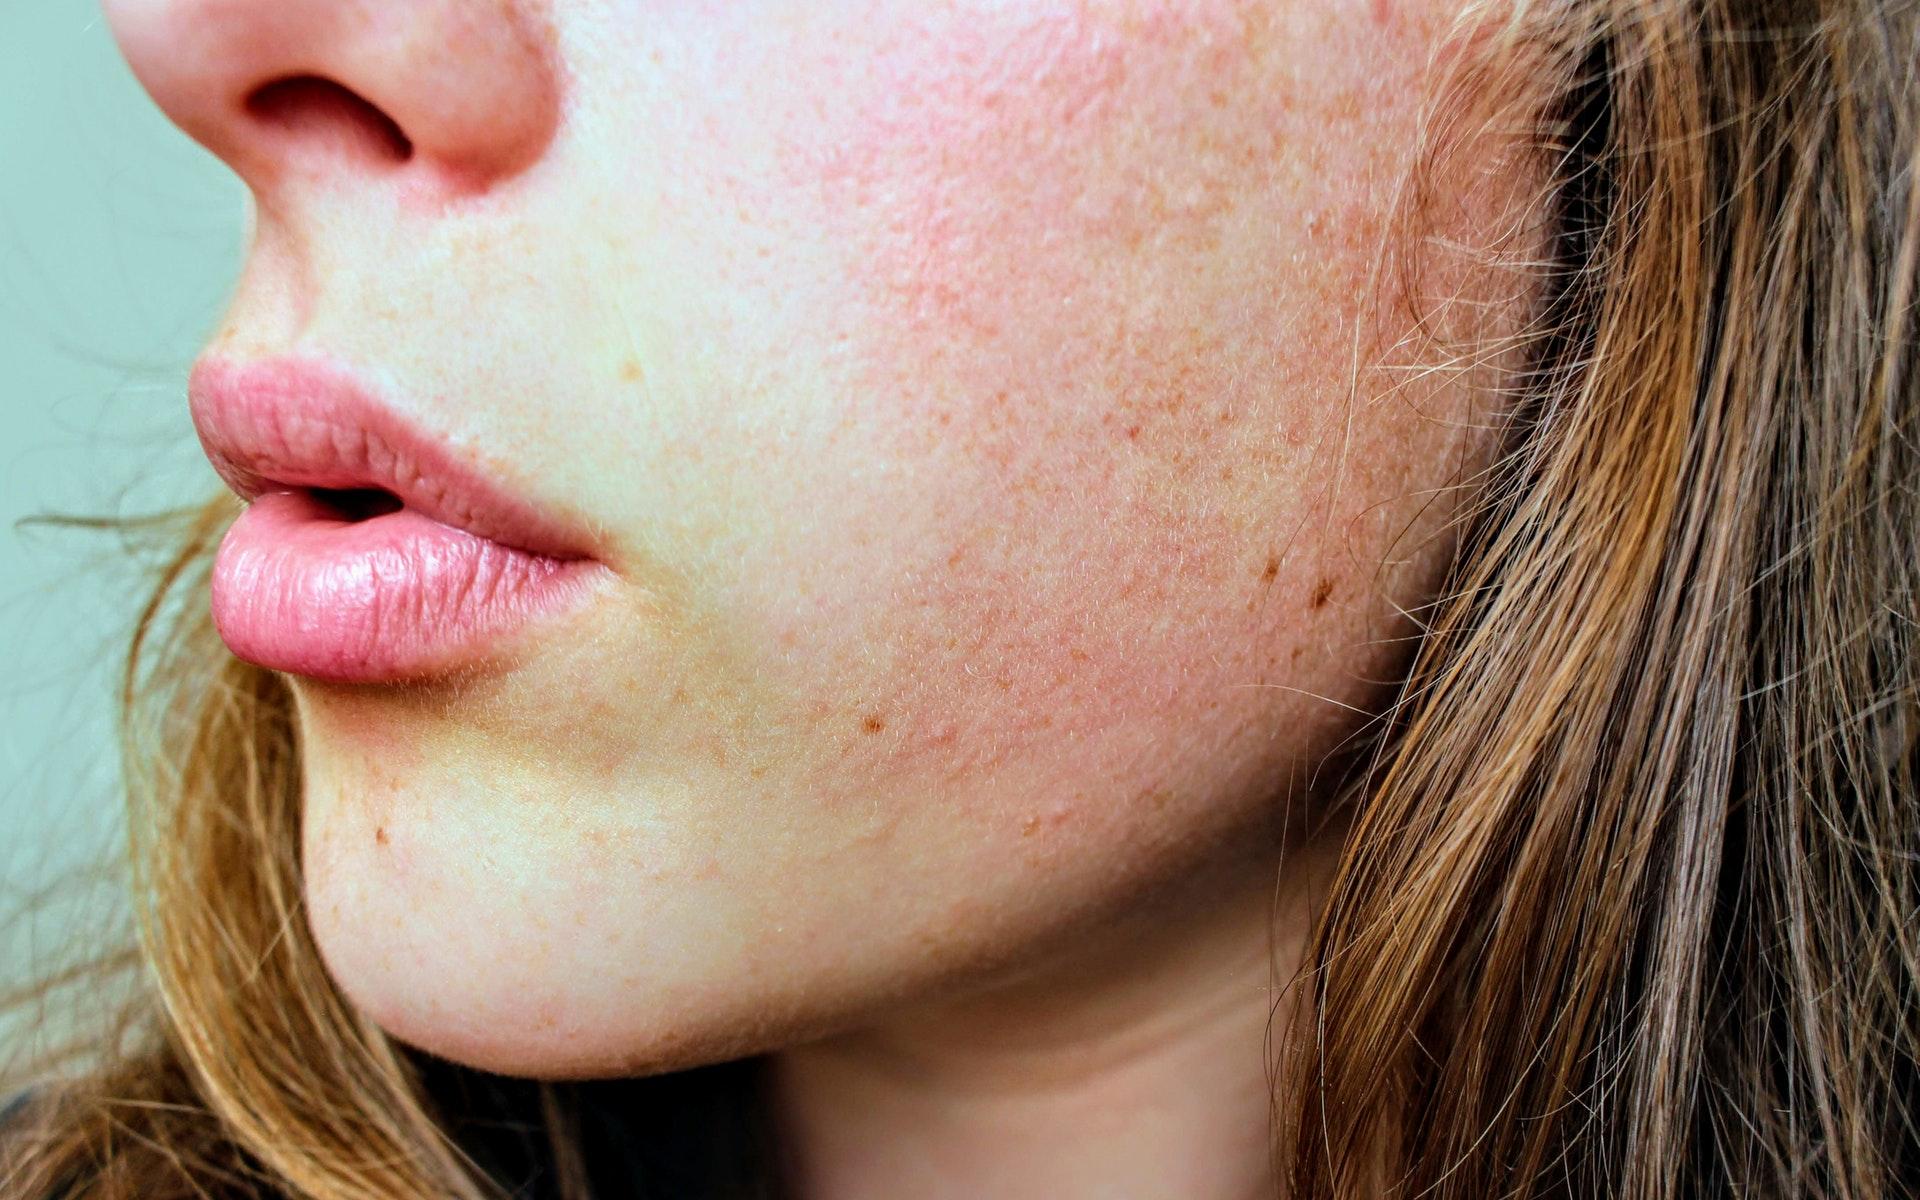 8 захворювань шкіри, які не можна лікувати самостійно